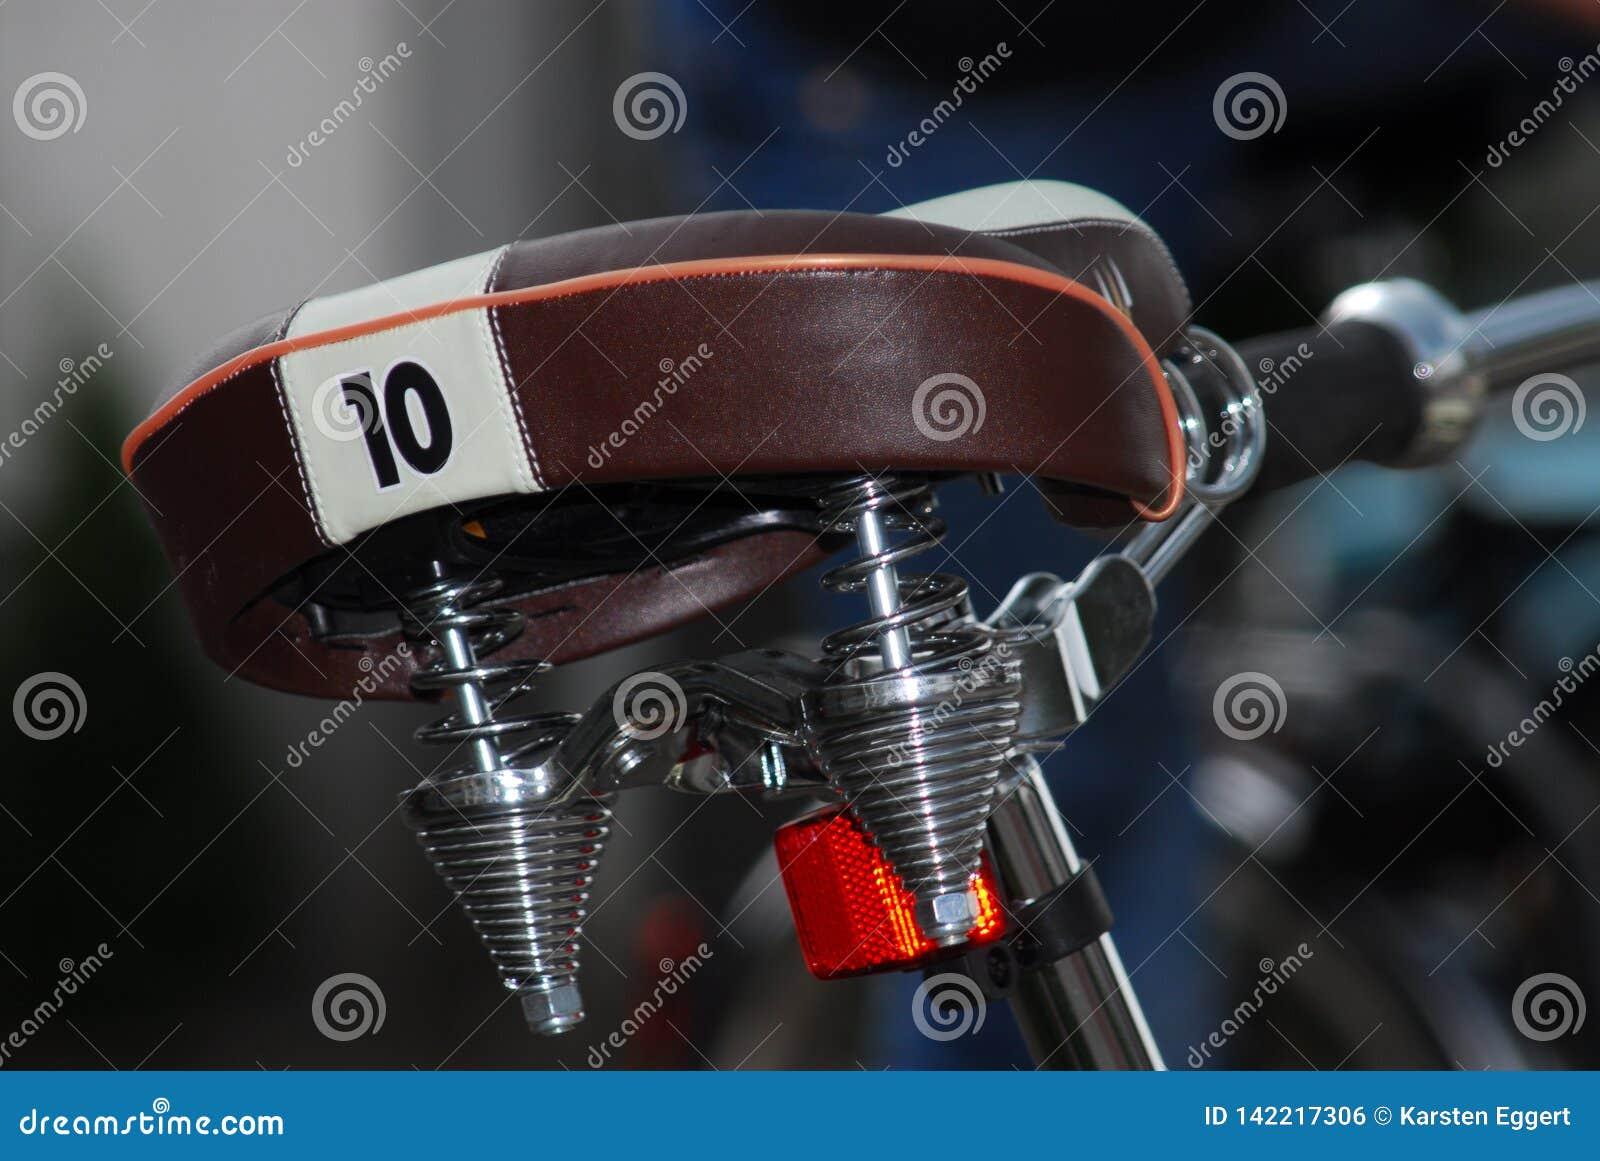 κινηματογράφηση σε πρώτο πλάνο μιας σέλας ποδηλάτων με τον αριθμό 10